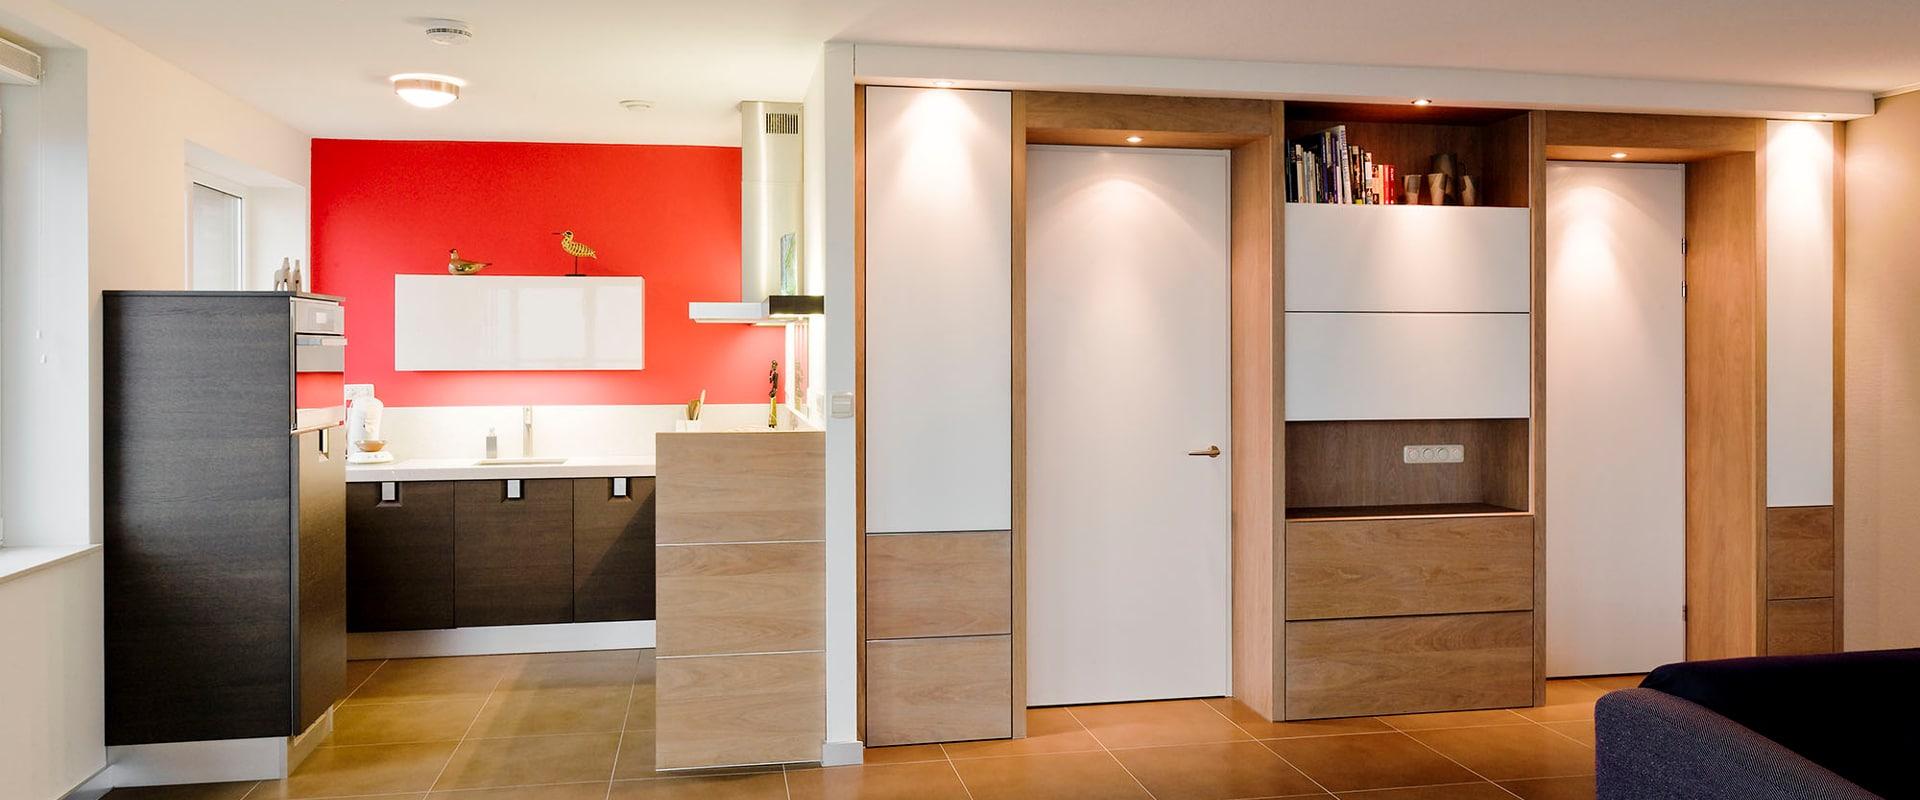 Keukens Op Maat Enschede : Keuken Enschede en interieur op maat in bij van Marion